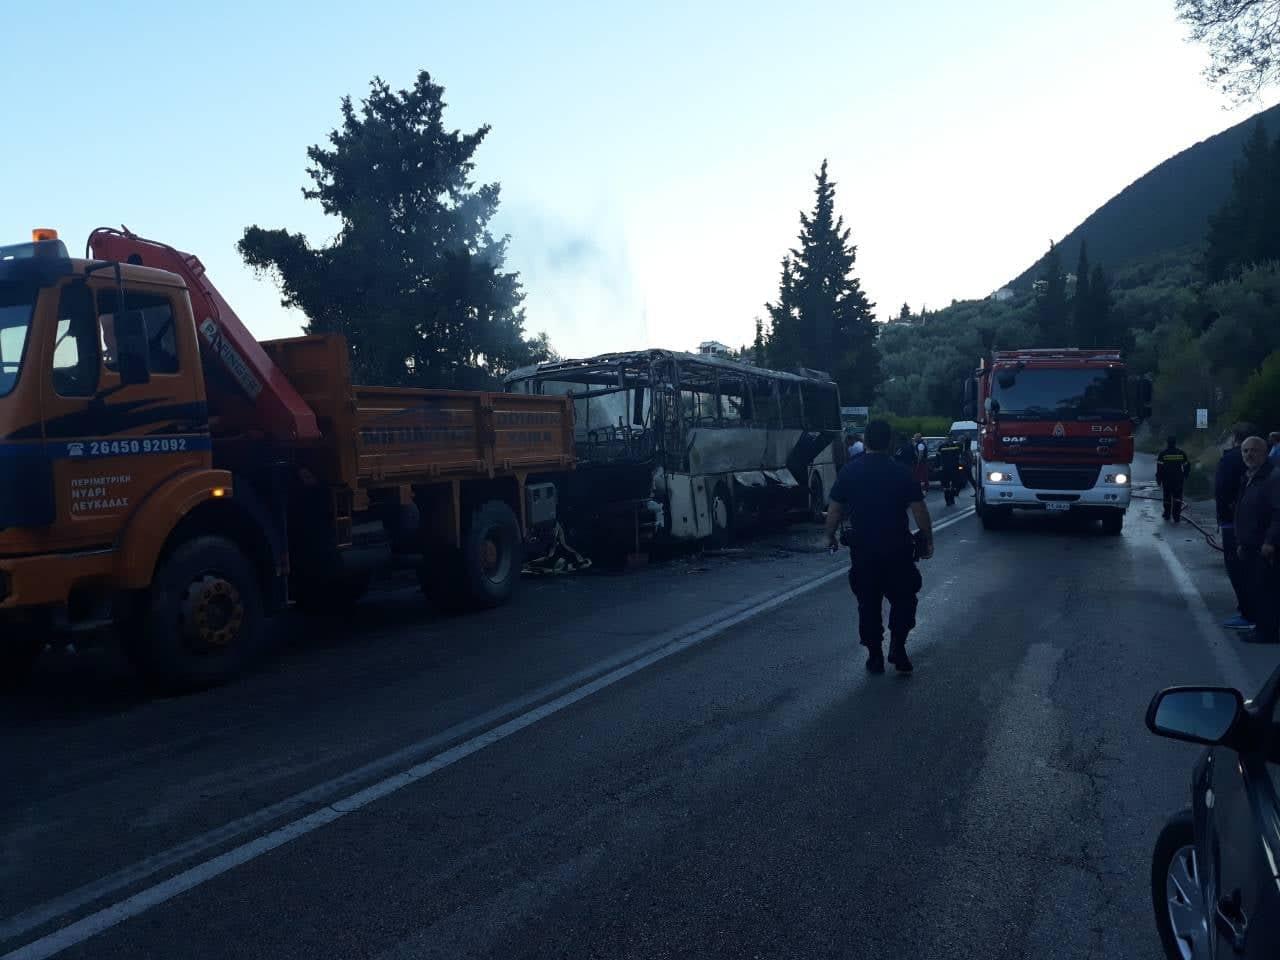 Λεωφορείο του ΚΤΕΛ Λευκάδας ενώ εκτελούσε δρομολόγιο κάηκε ολοσχερώς | ΦΩΤΟ - Φωτογραφία 3